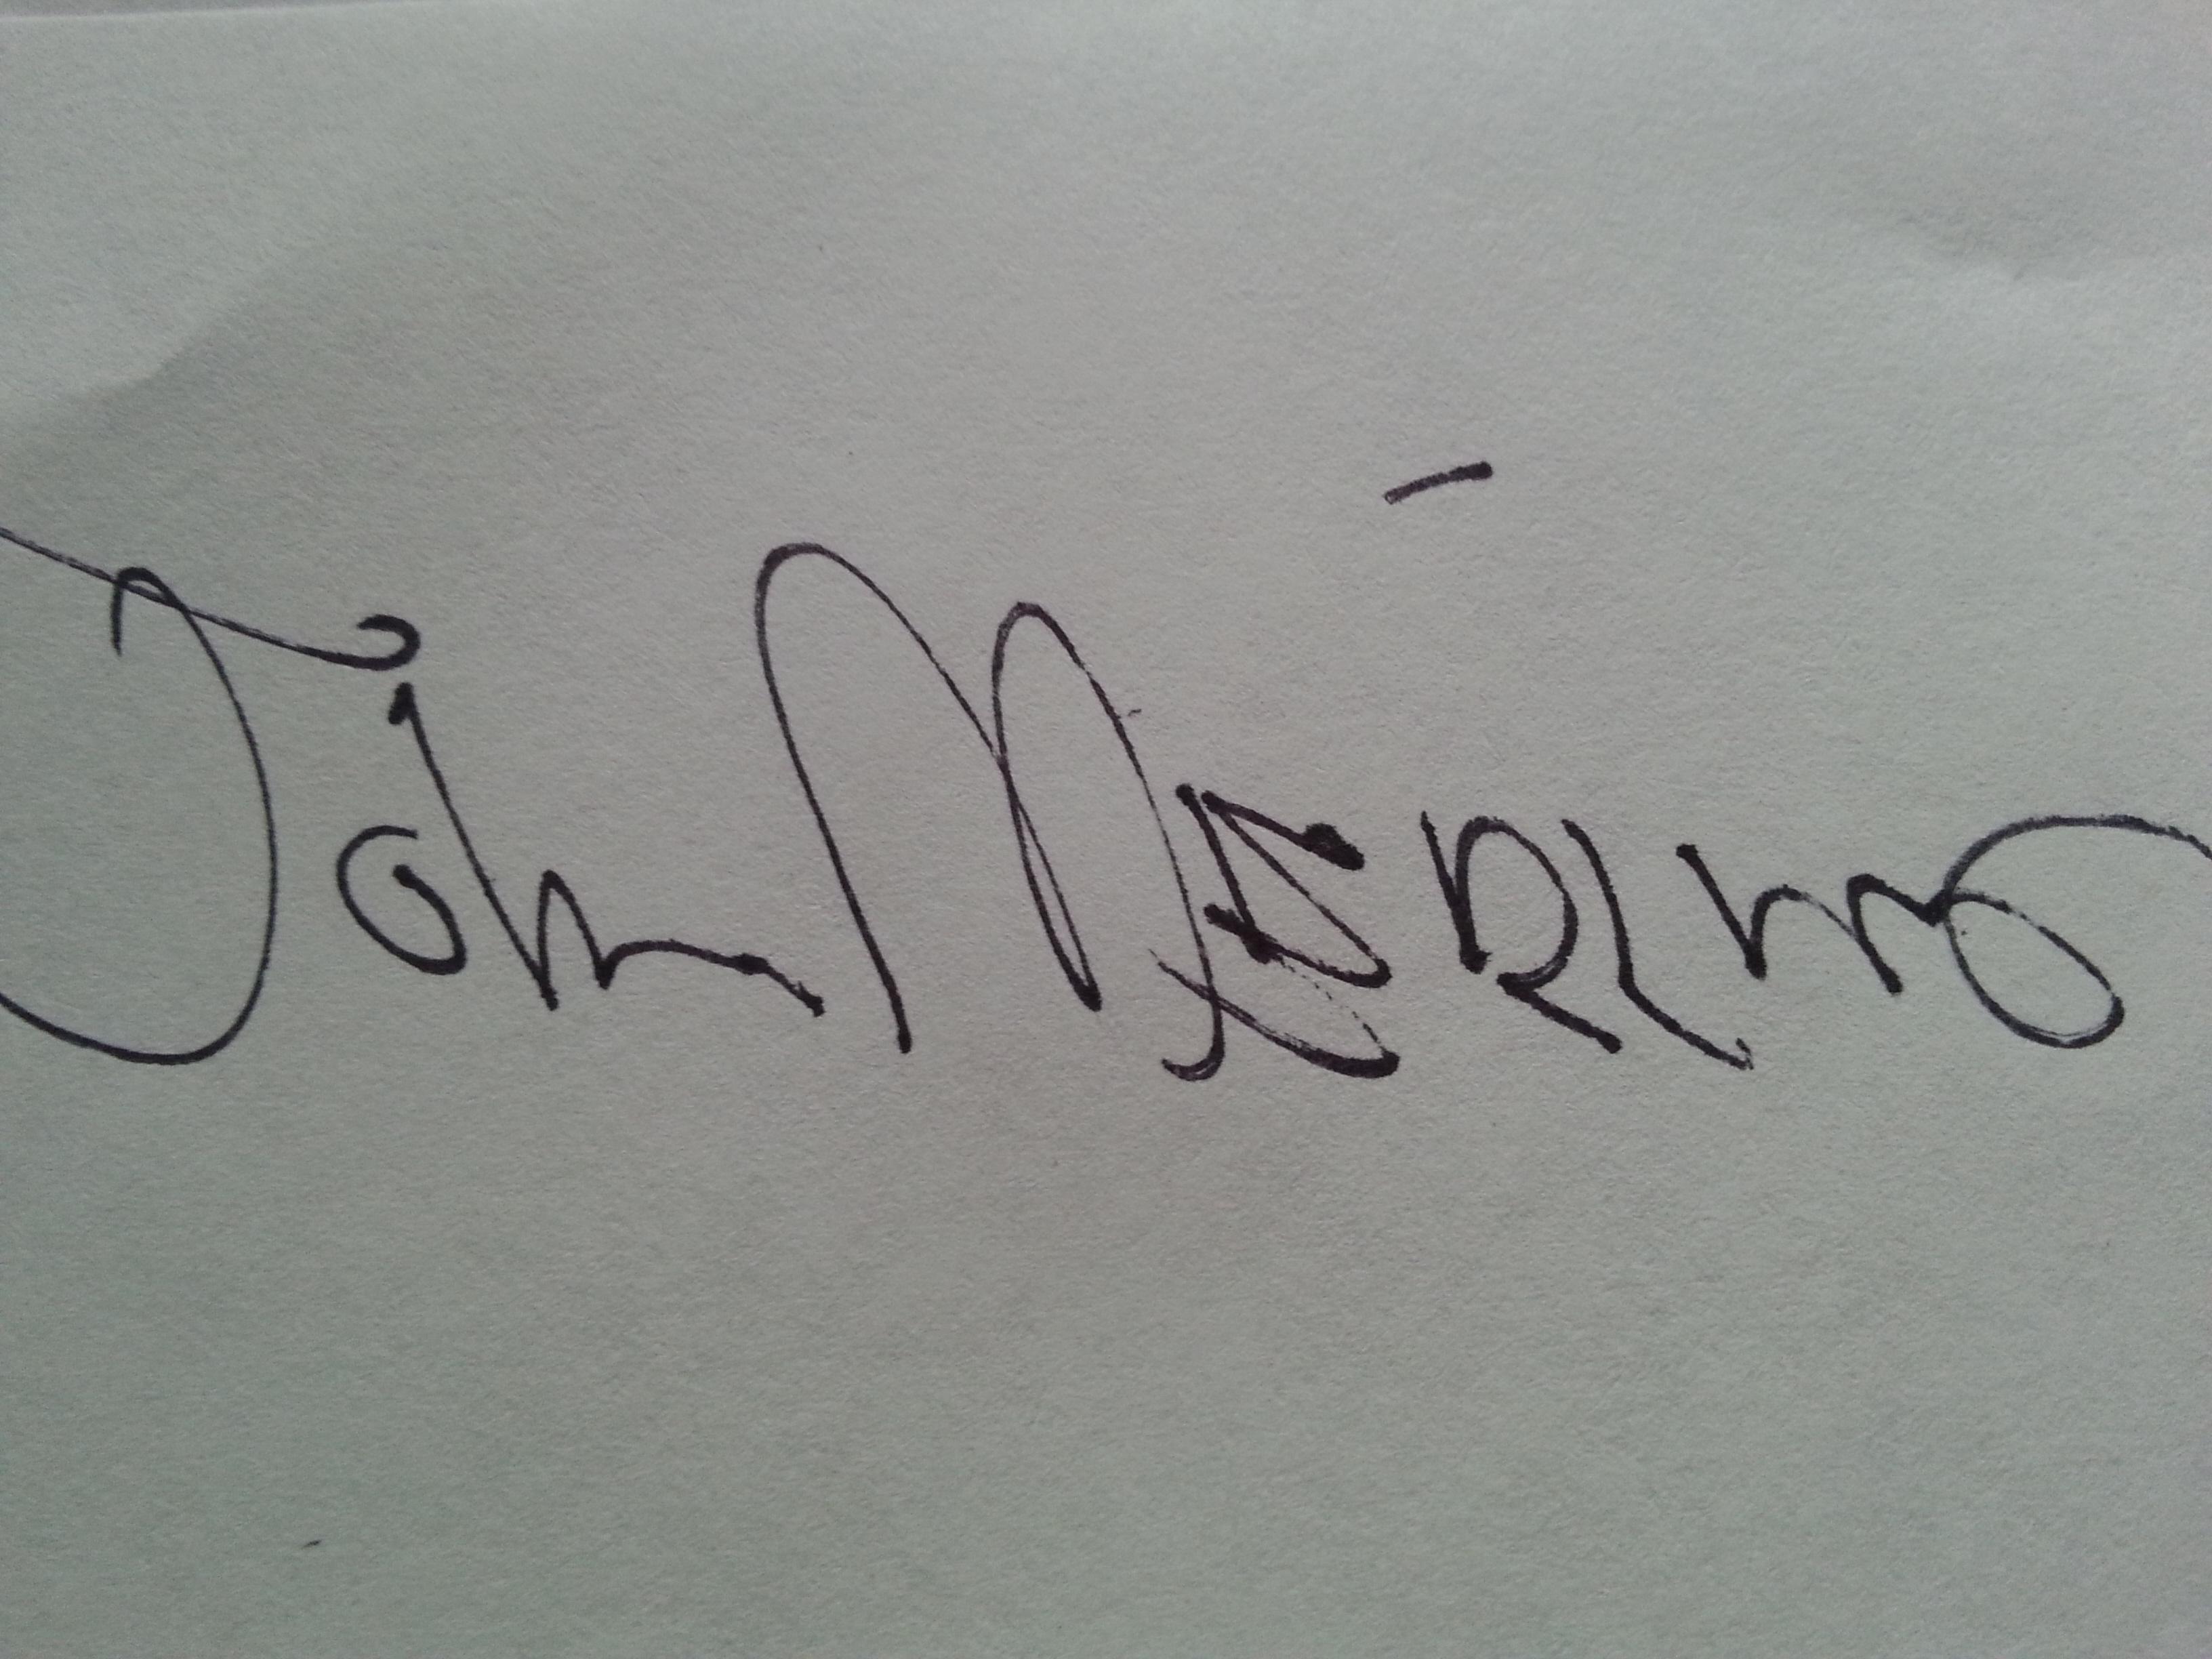 john g. merlino Signature